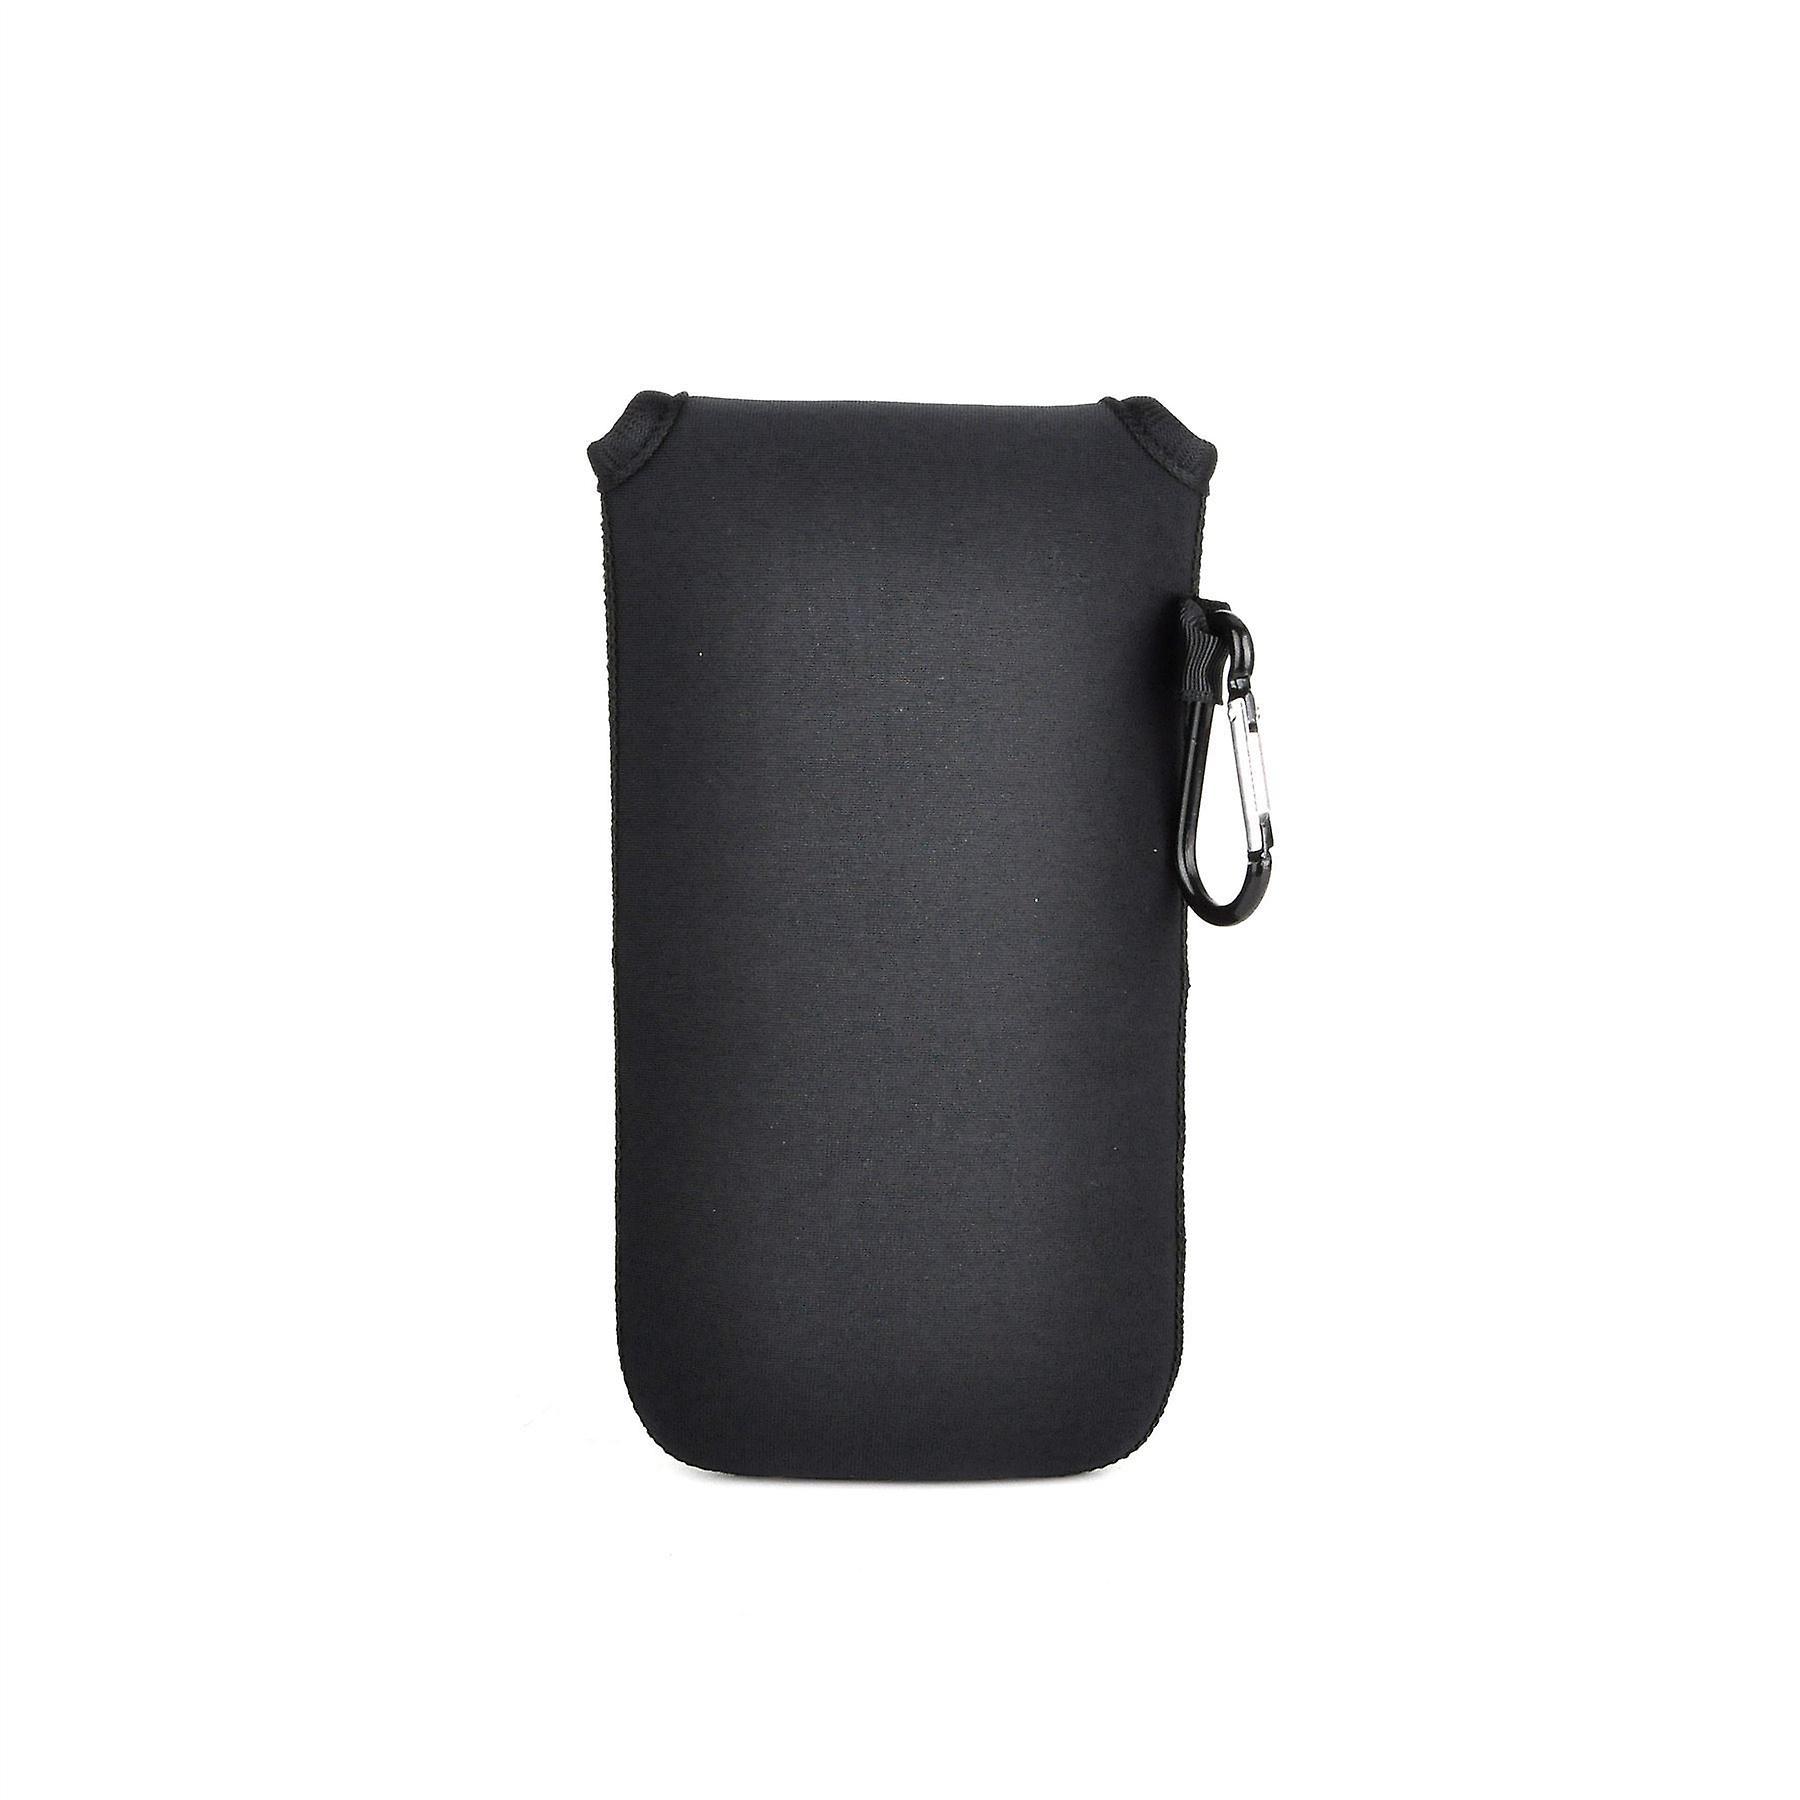 كيس تغطية القضية الحقيبة واقية مقاومة لتأثير النيوبرين إينفينتكاسي مع إغلاق Velcro و Carabiner الألومنيوم موتورولا موتو G4 زائد--الأسود